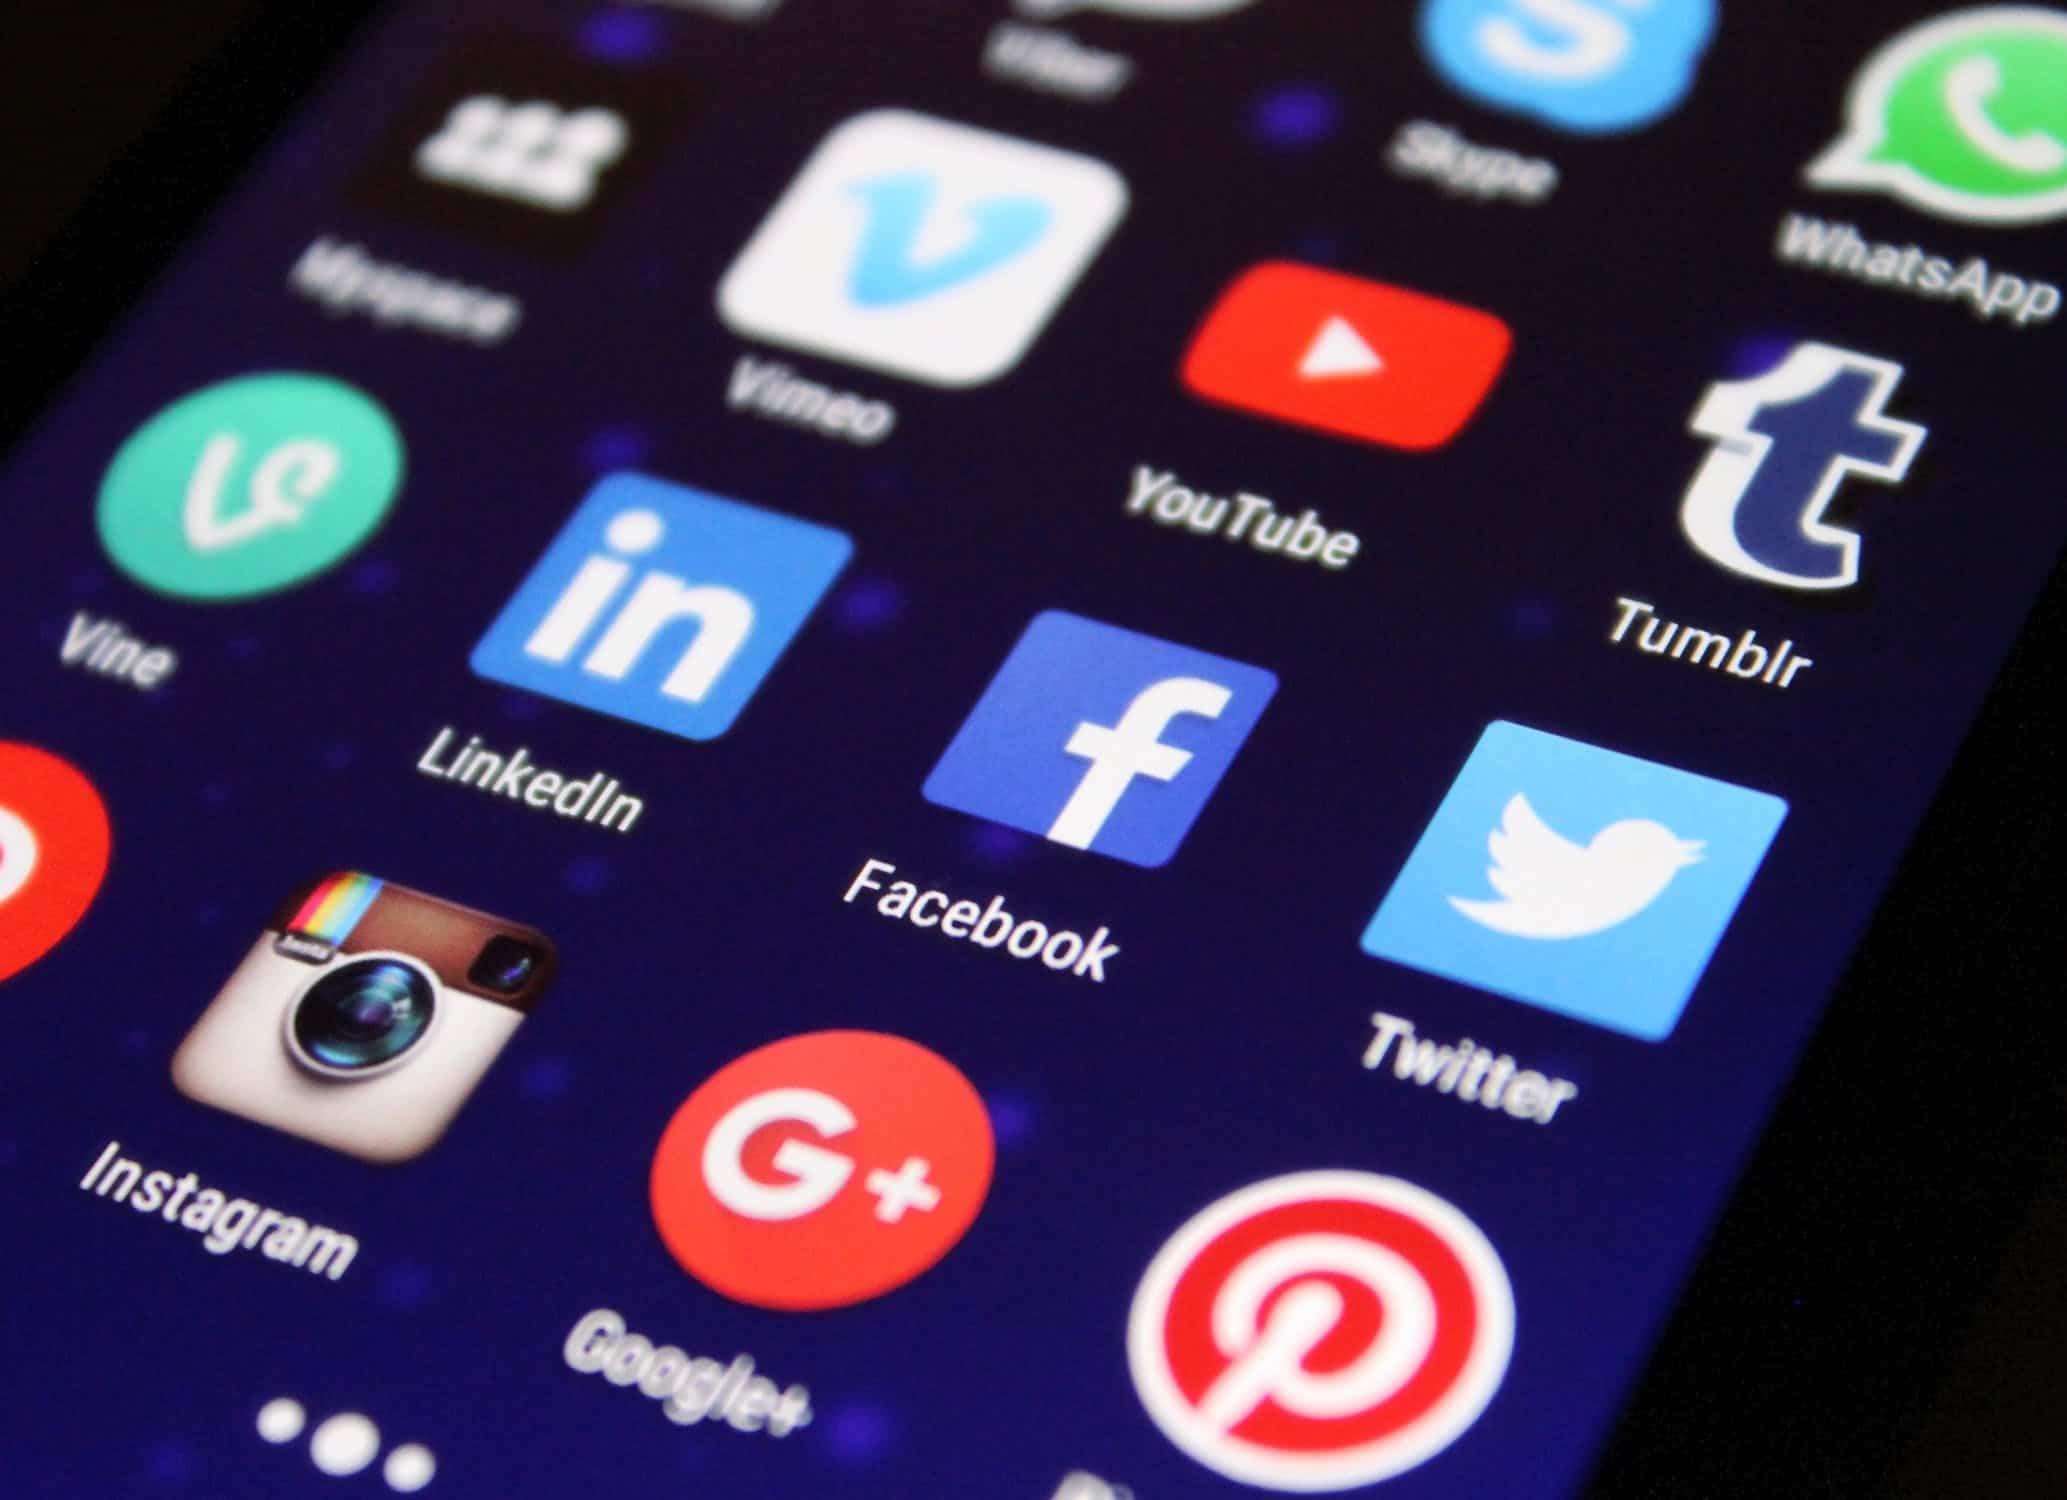 icone des réseaux sociaux sur un smartphone